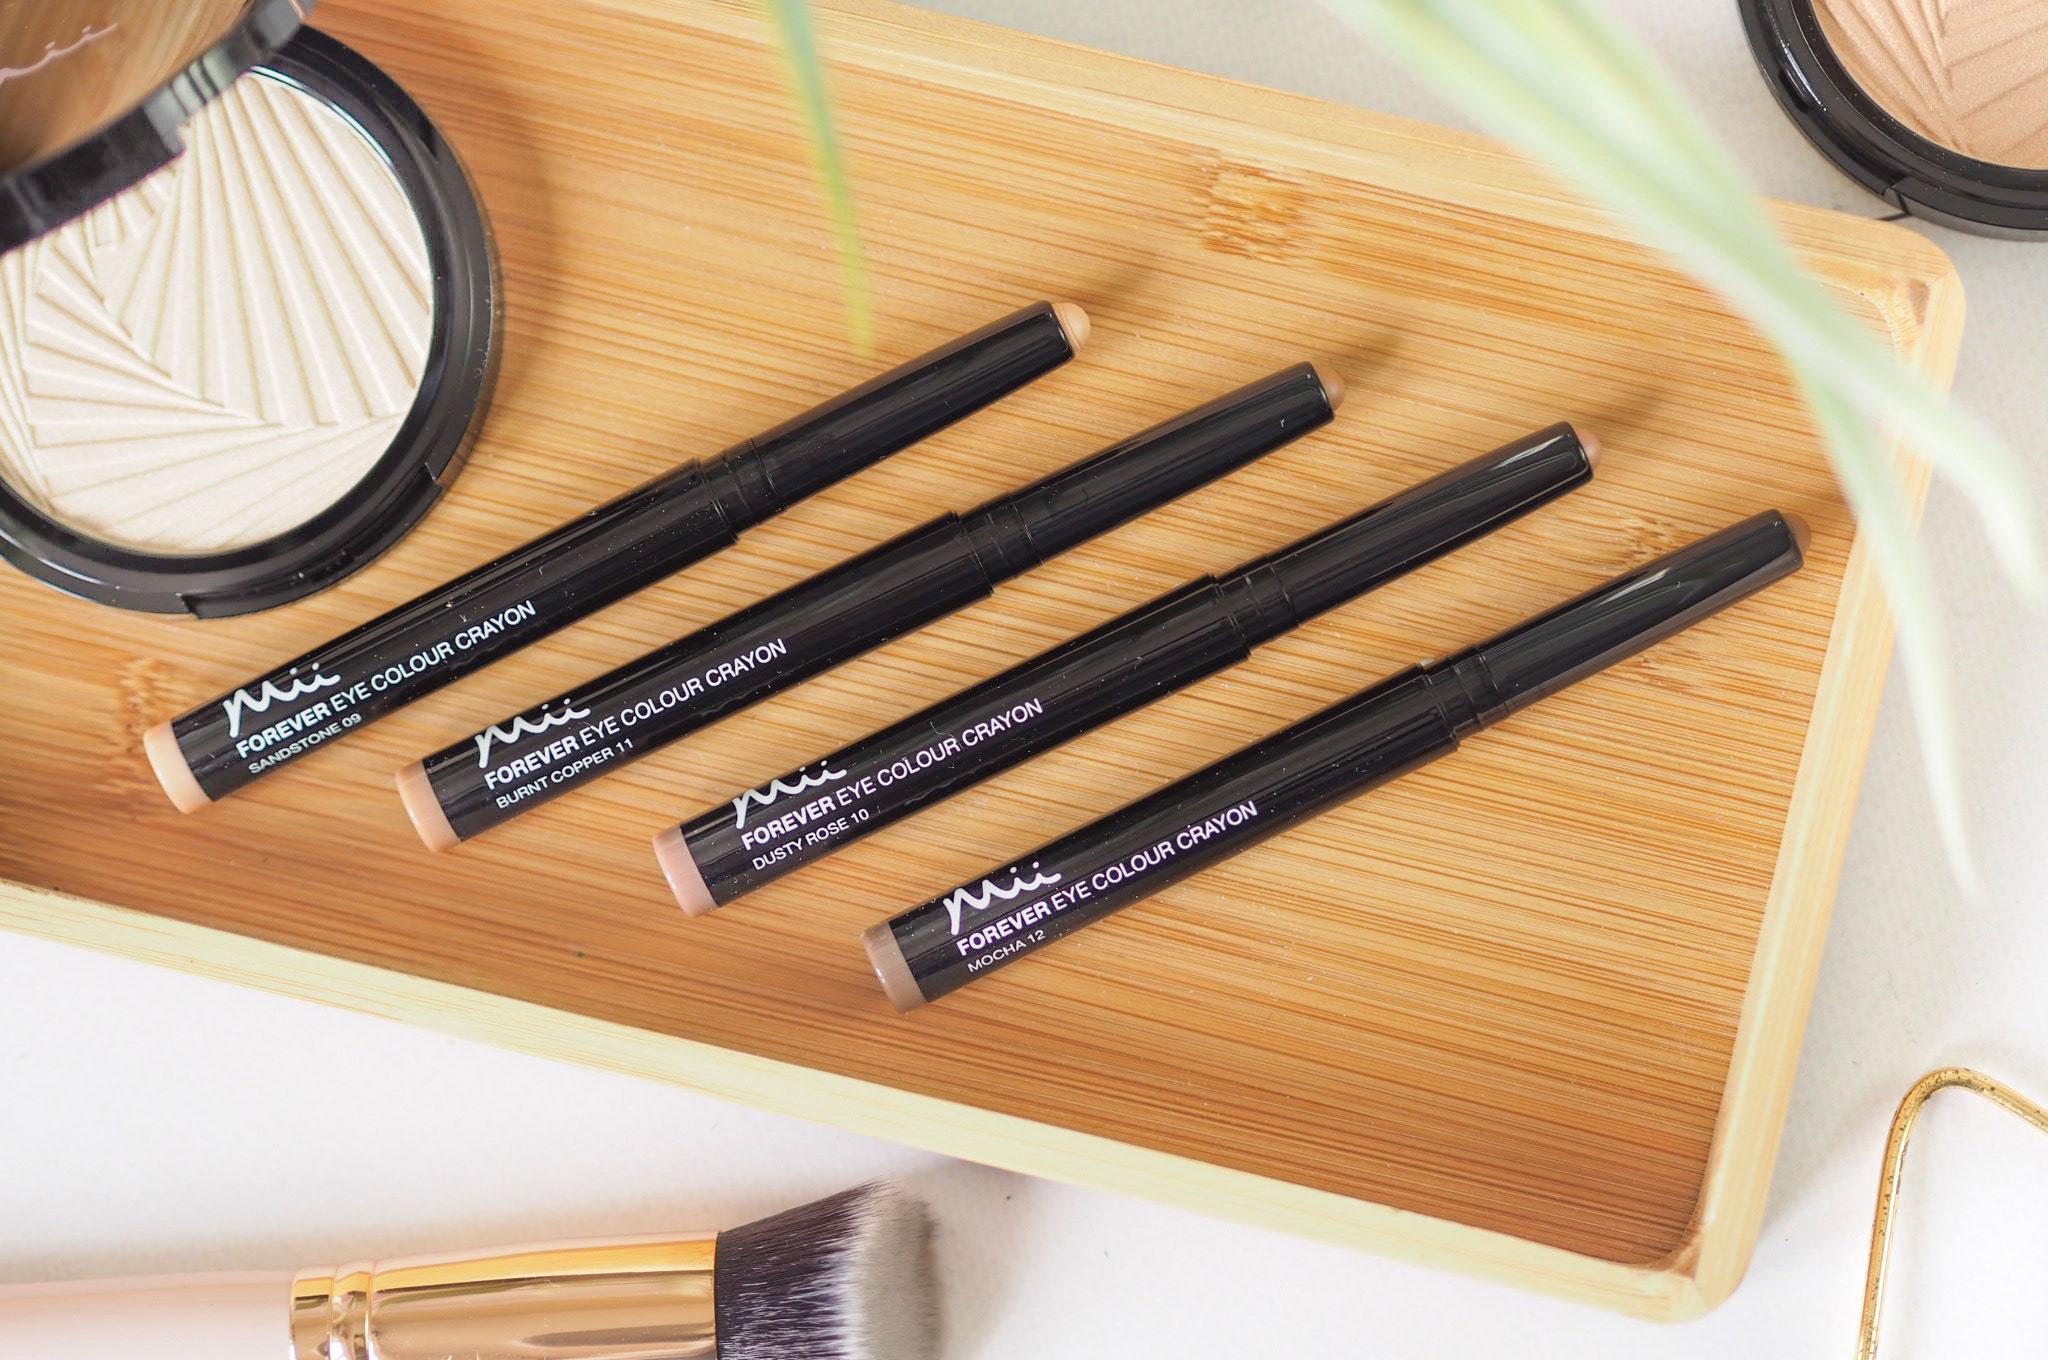 Mii Cosmetics Forever Eye Colour Crayon